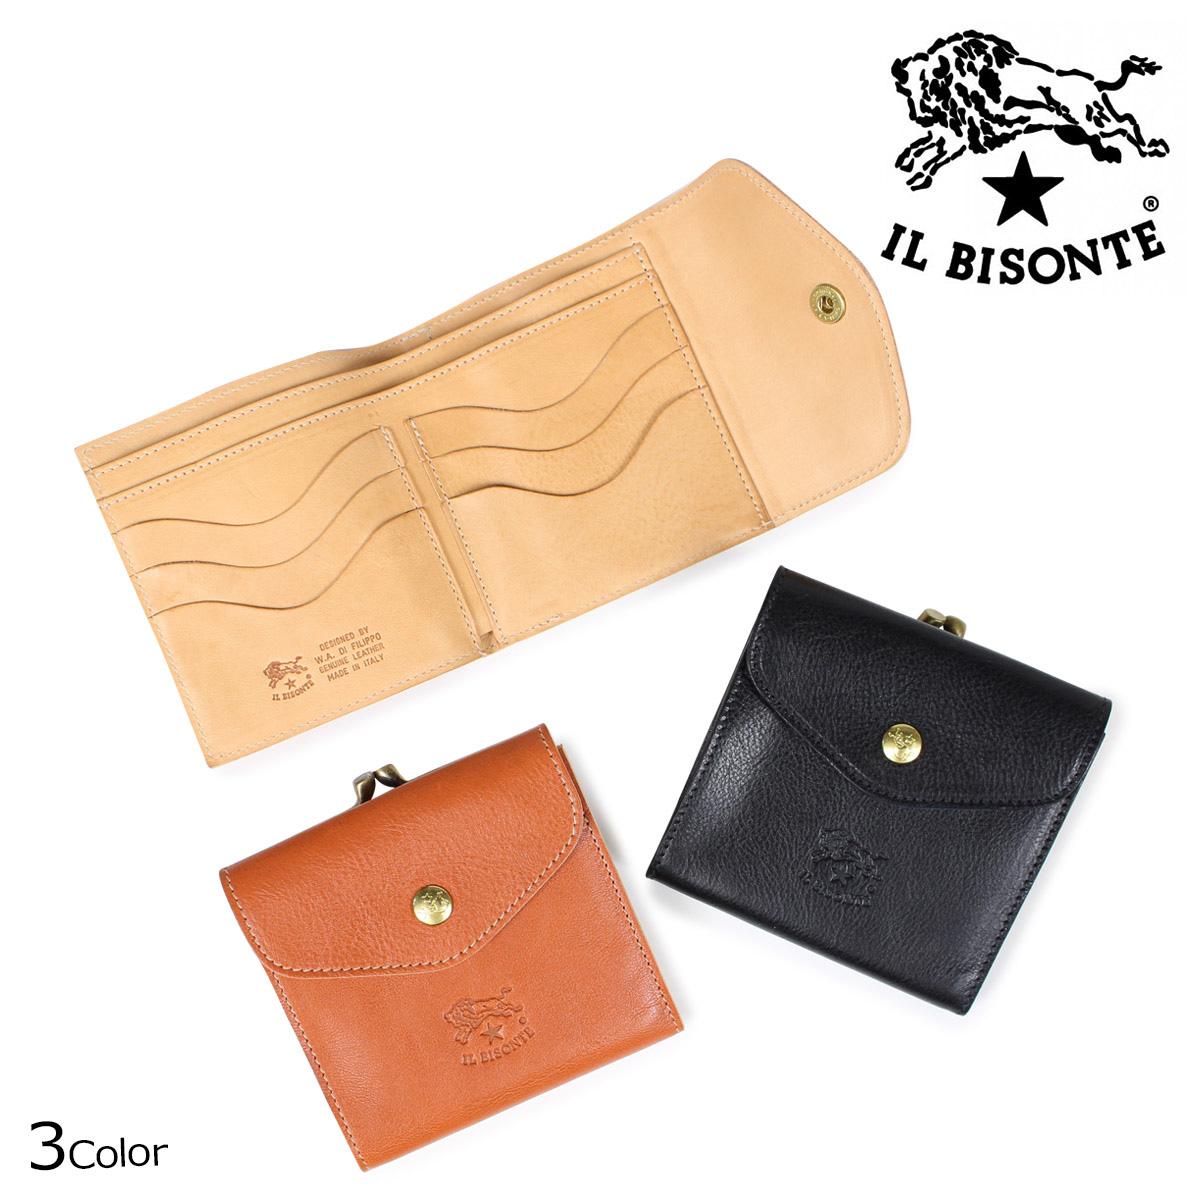 IL BISONTE イルビゾンテ 財布 三つ折り メンズ レディース STANDARD ブラック ベージュ ブラウン C0423 P